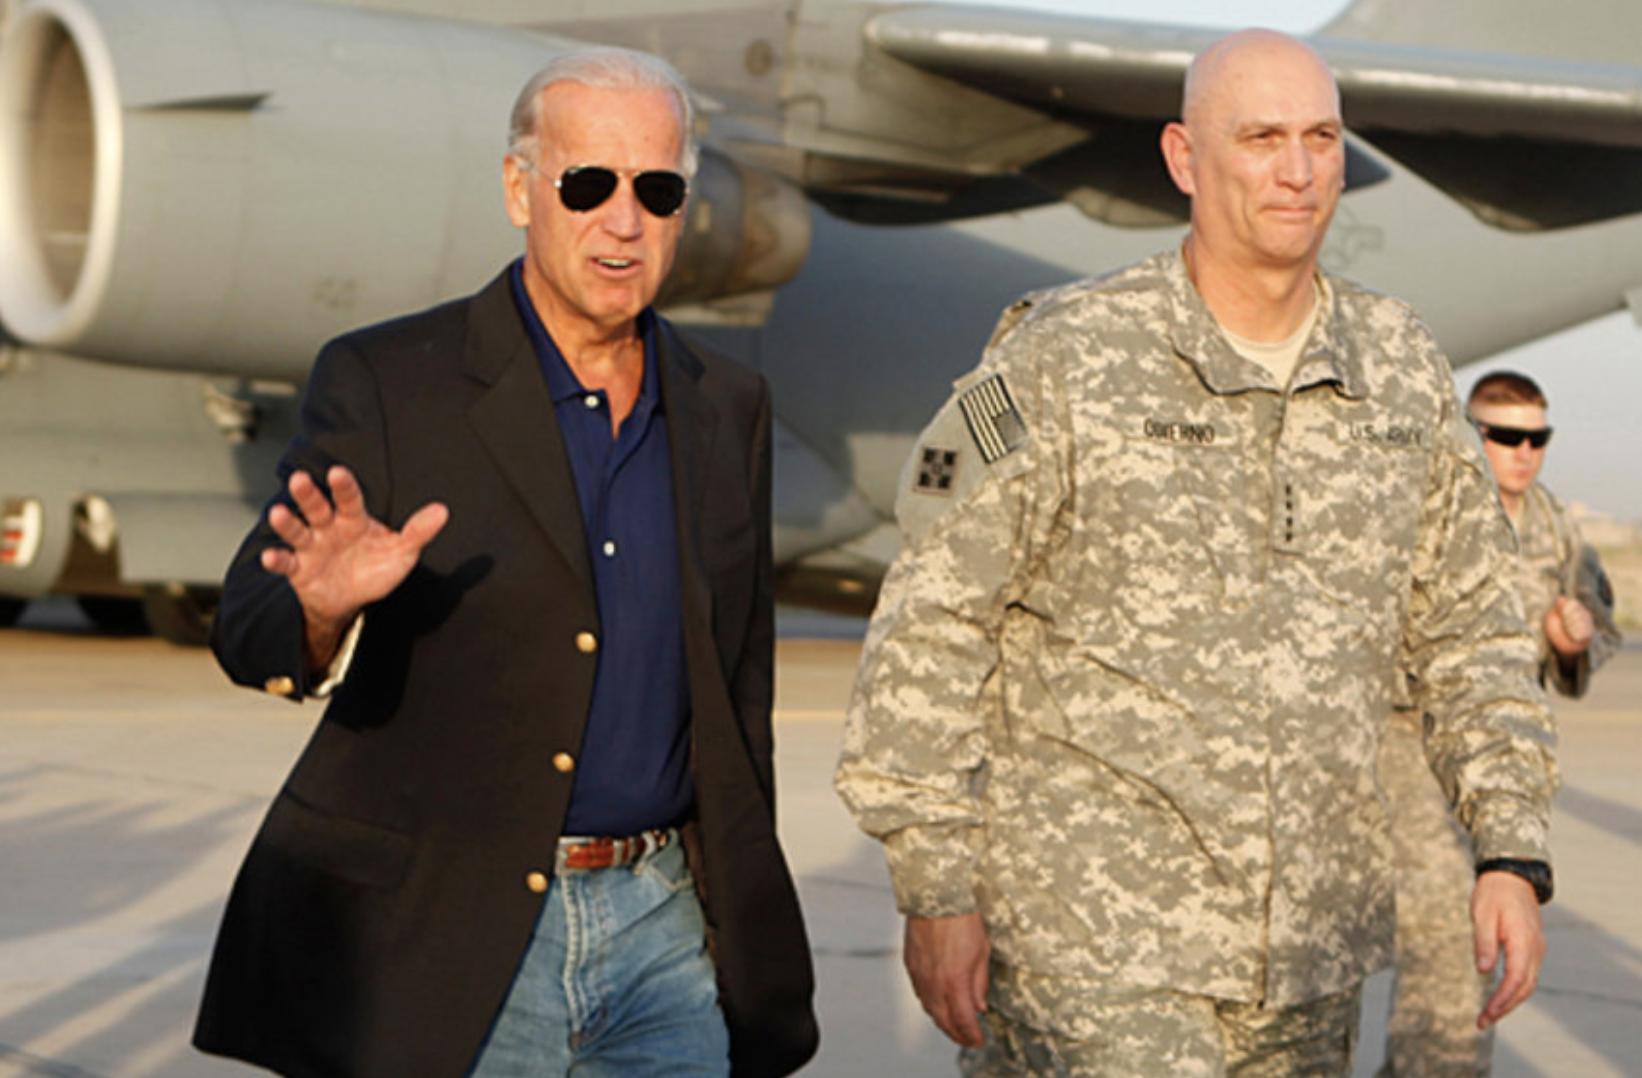 Joe Biden lands in Iraq, August 20, 2010